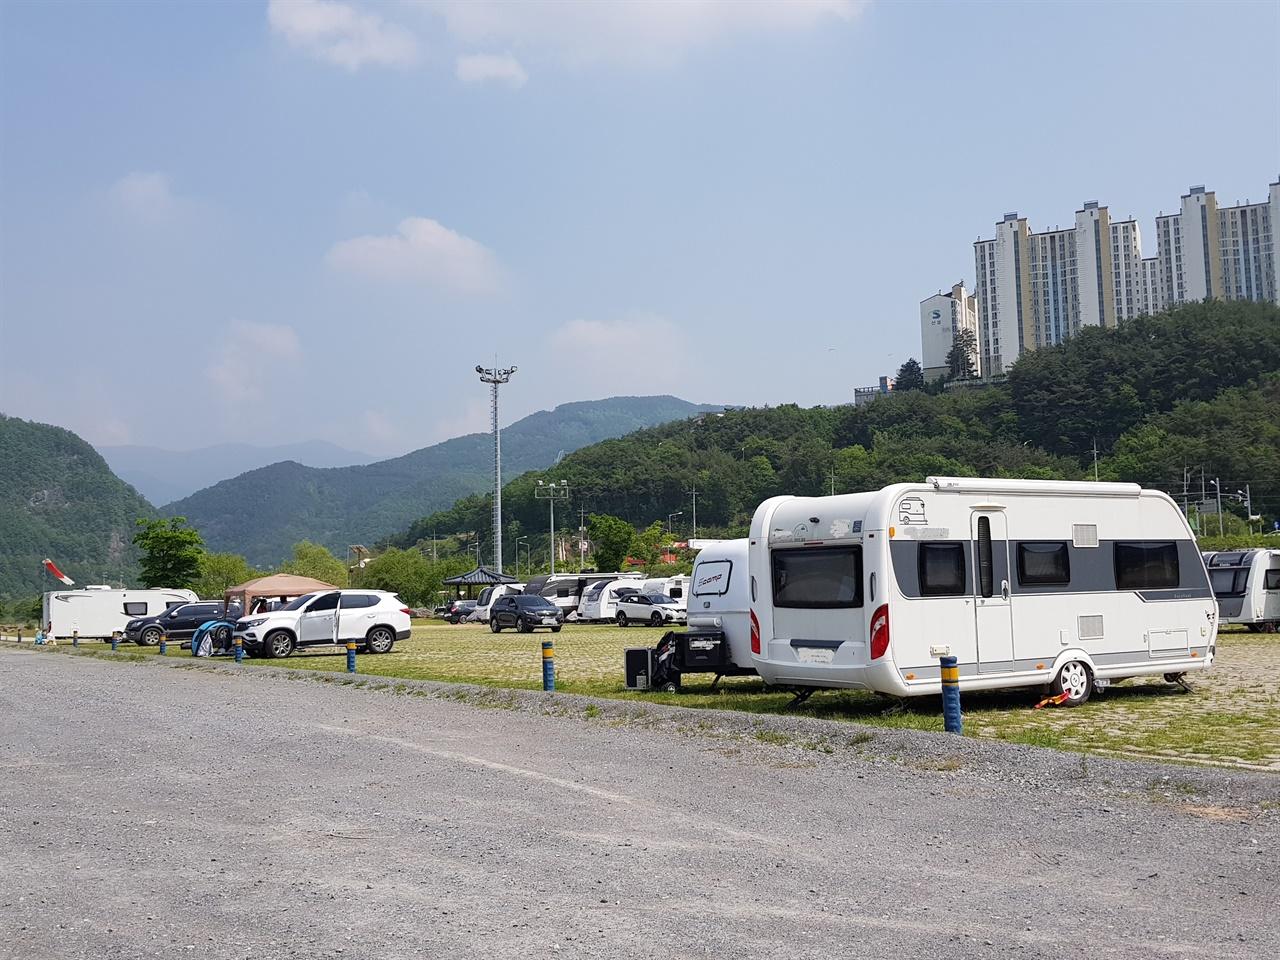 장기간 주차중인 차량들 공원 內 주차장에 장기 주차중인 차량들이 다수 있다.